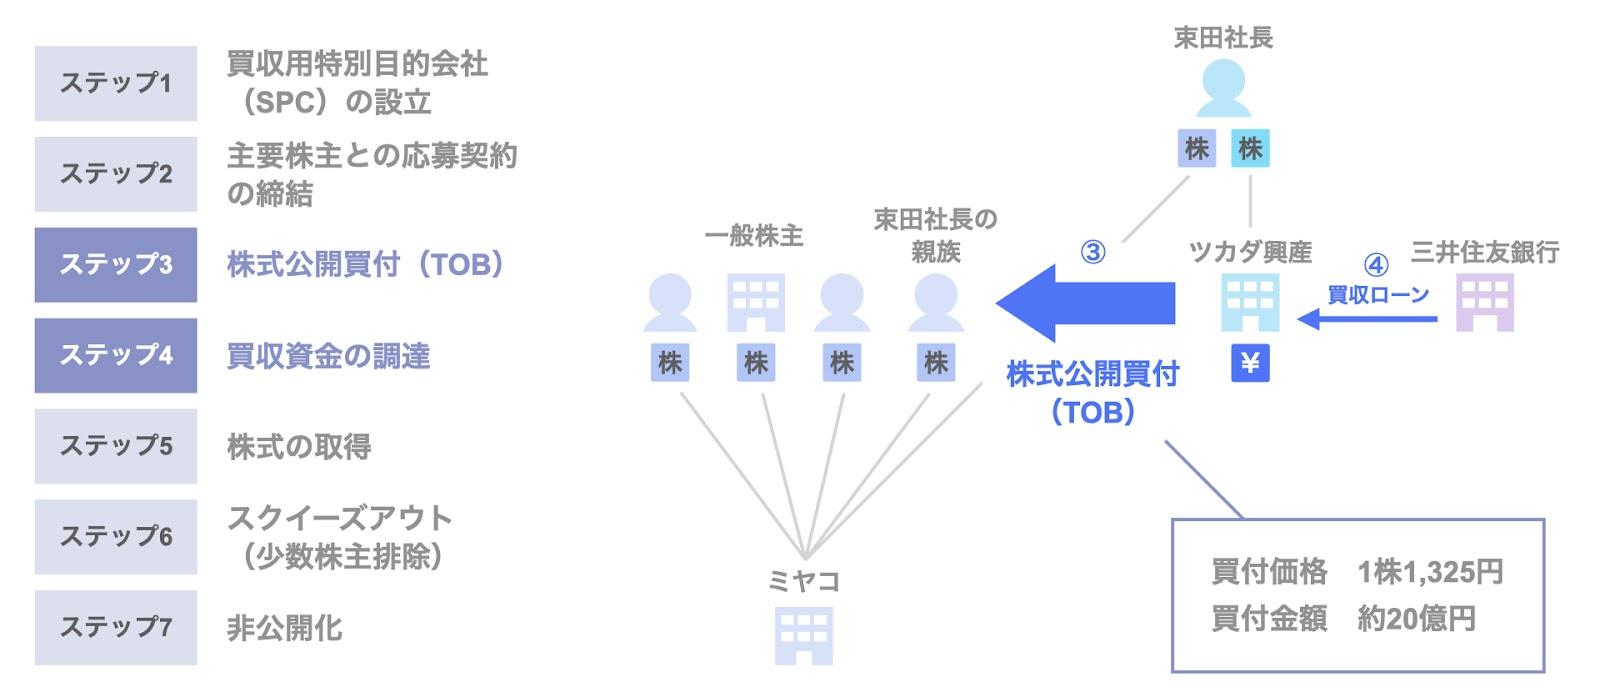 ミヤコのMBOによる非公開化のスキーム3,4